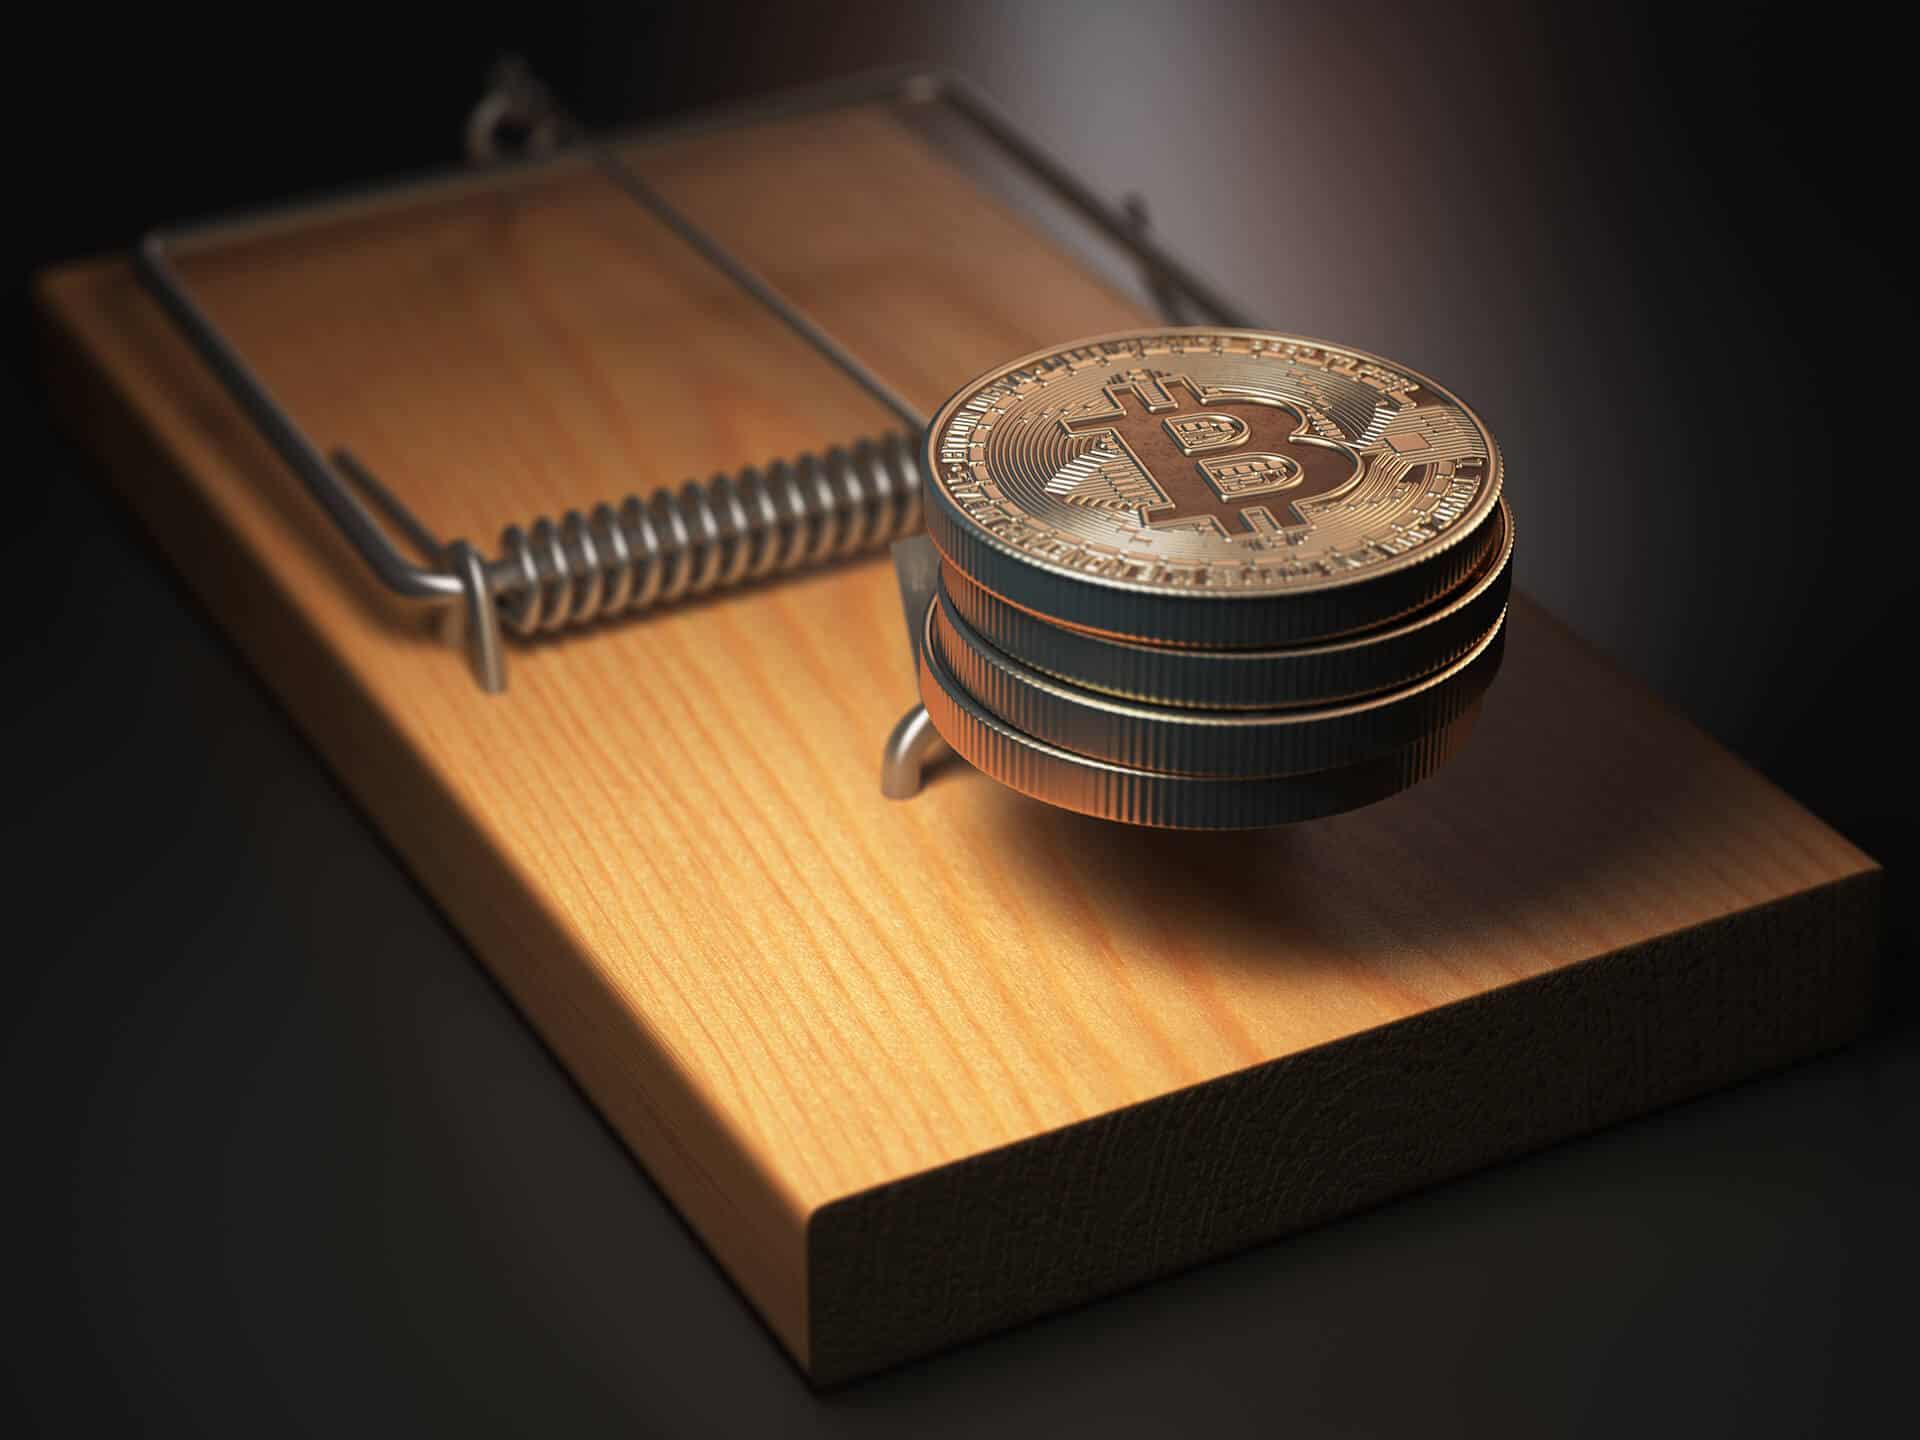 לאן נעלמו המטבעות הדיגיטליים?